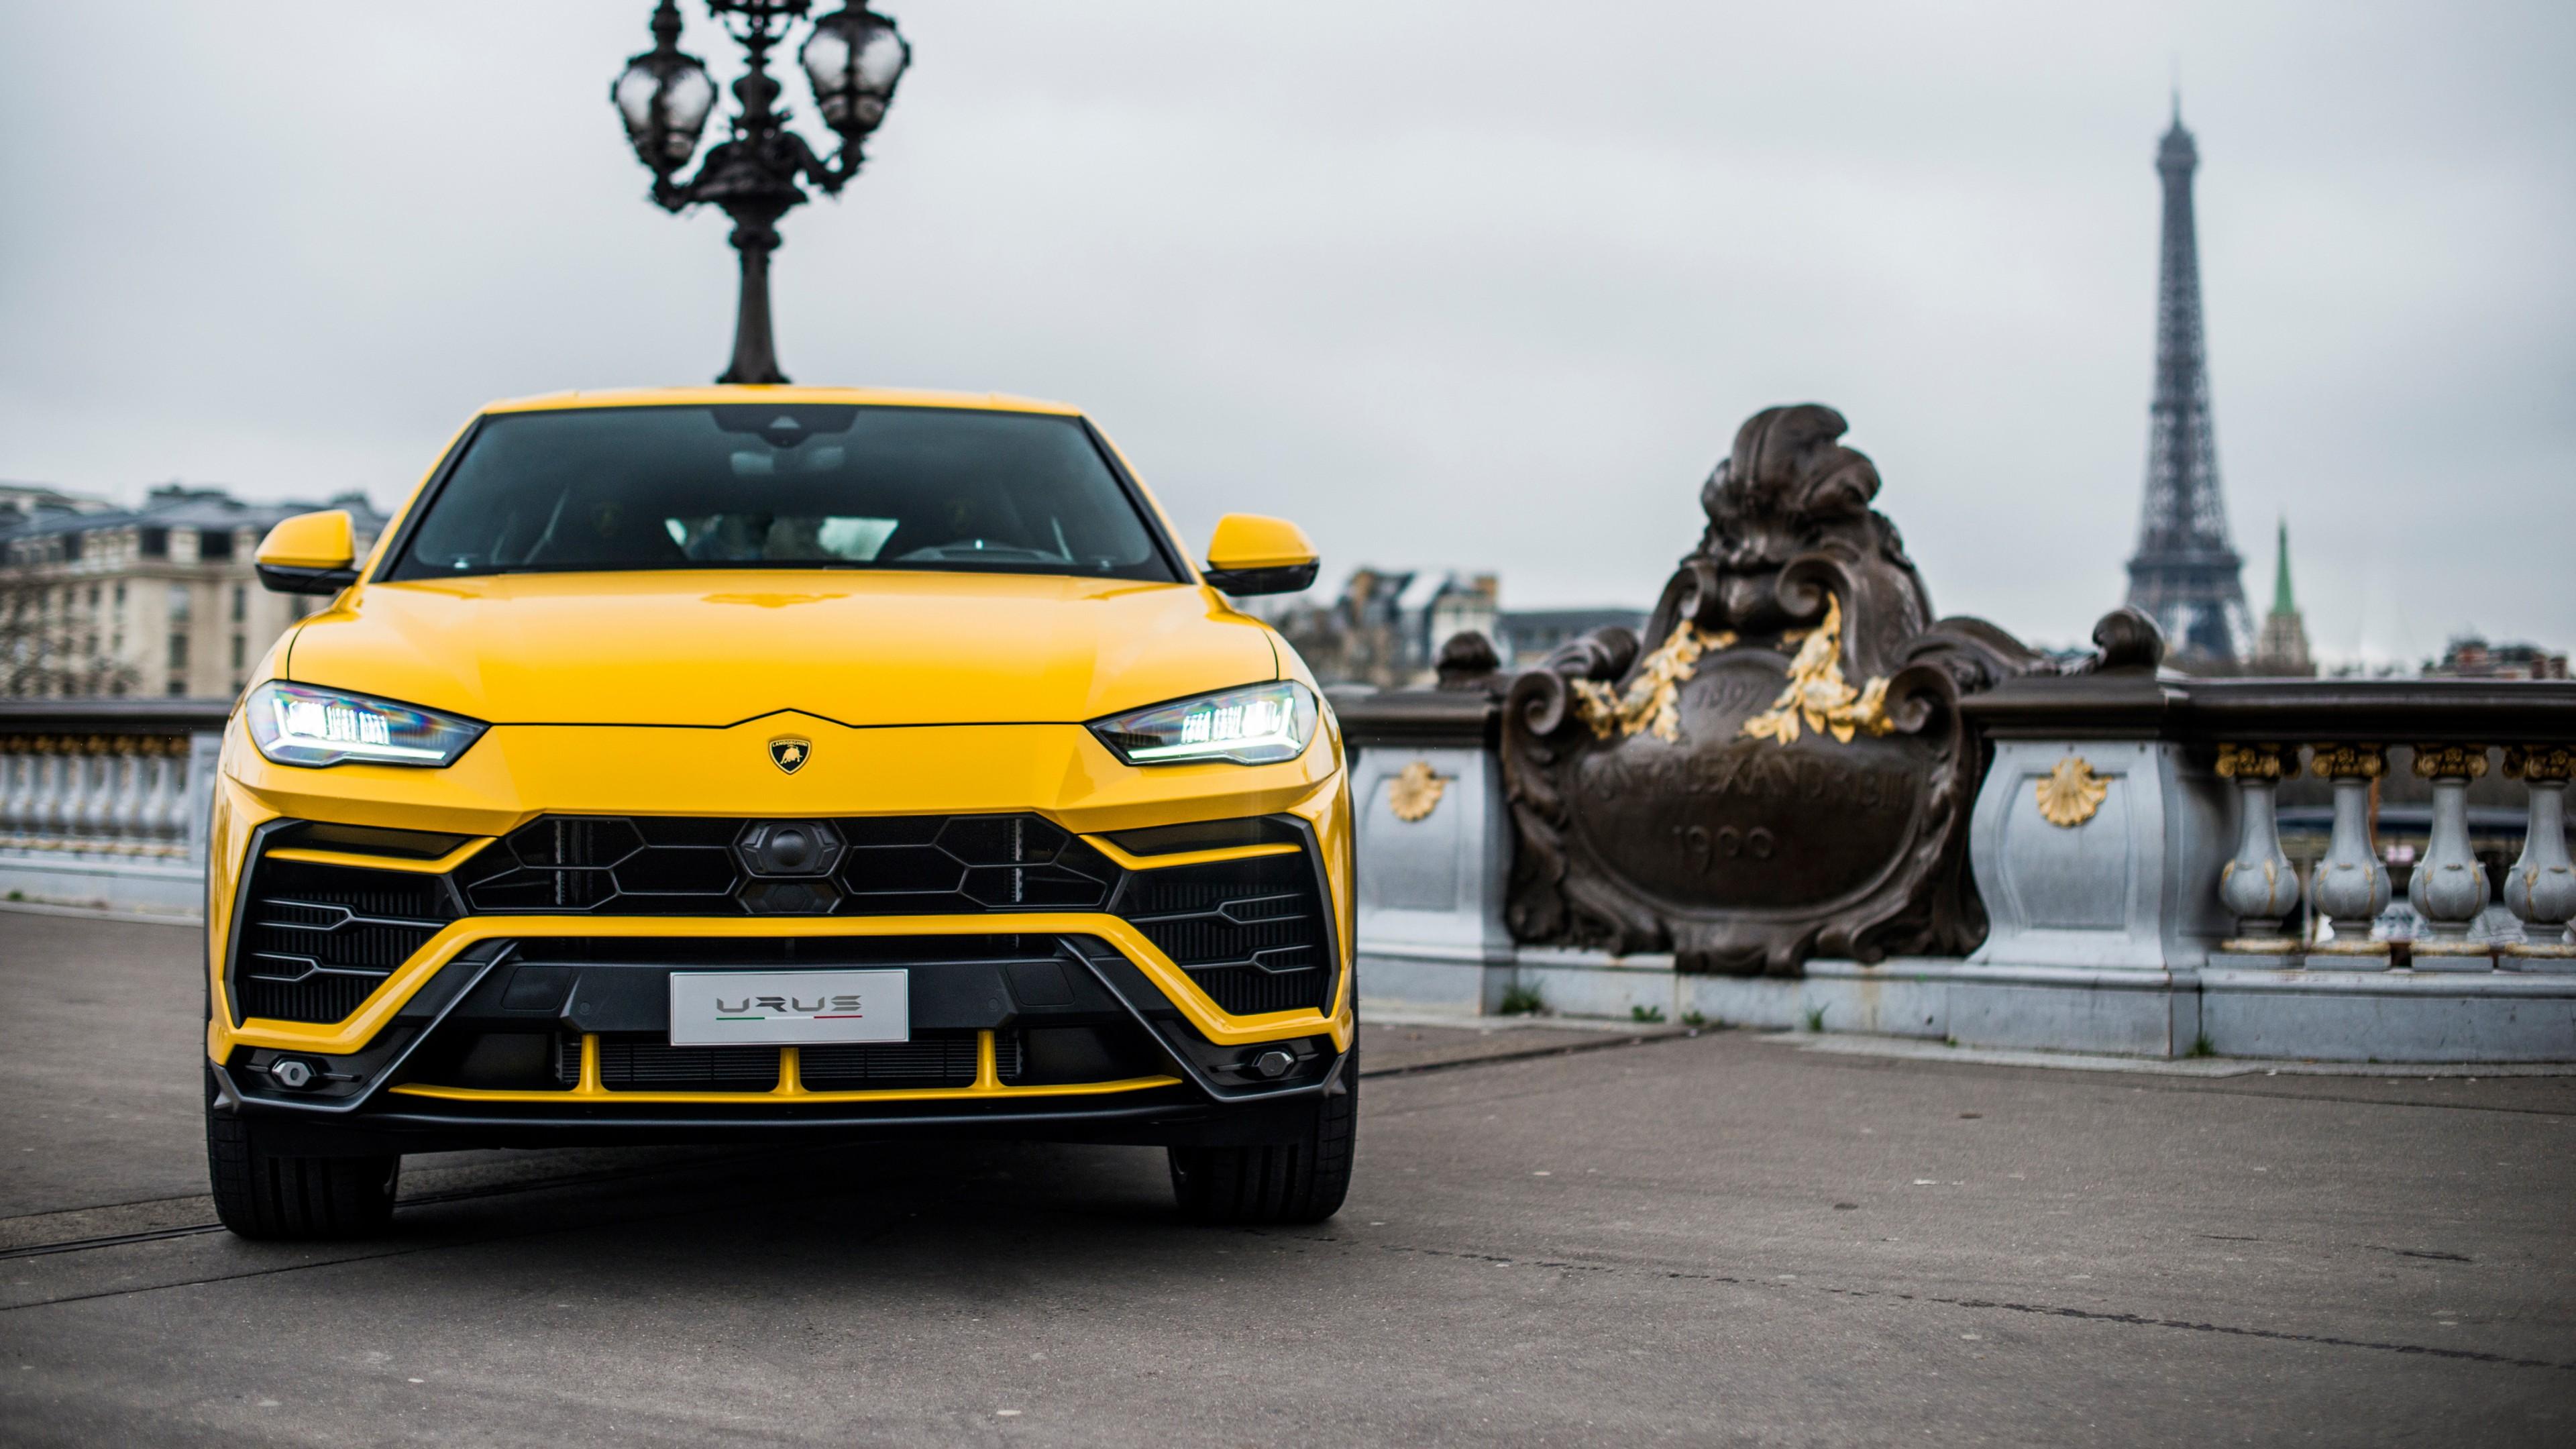 Lamborghini Urus 2018 4K 4 Wallpaper | HD Car Wallpapers ...